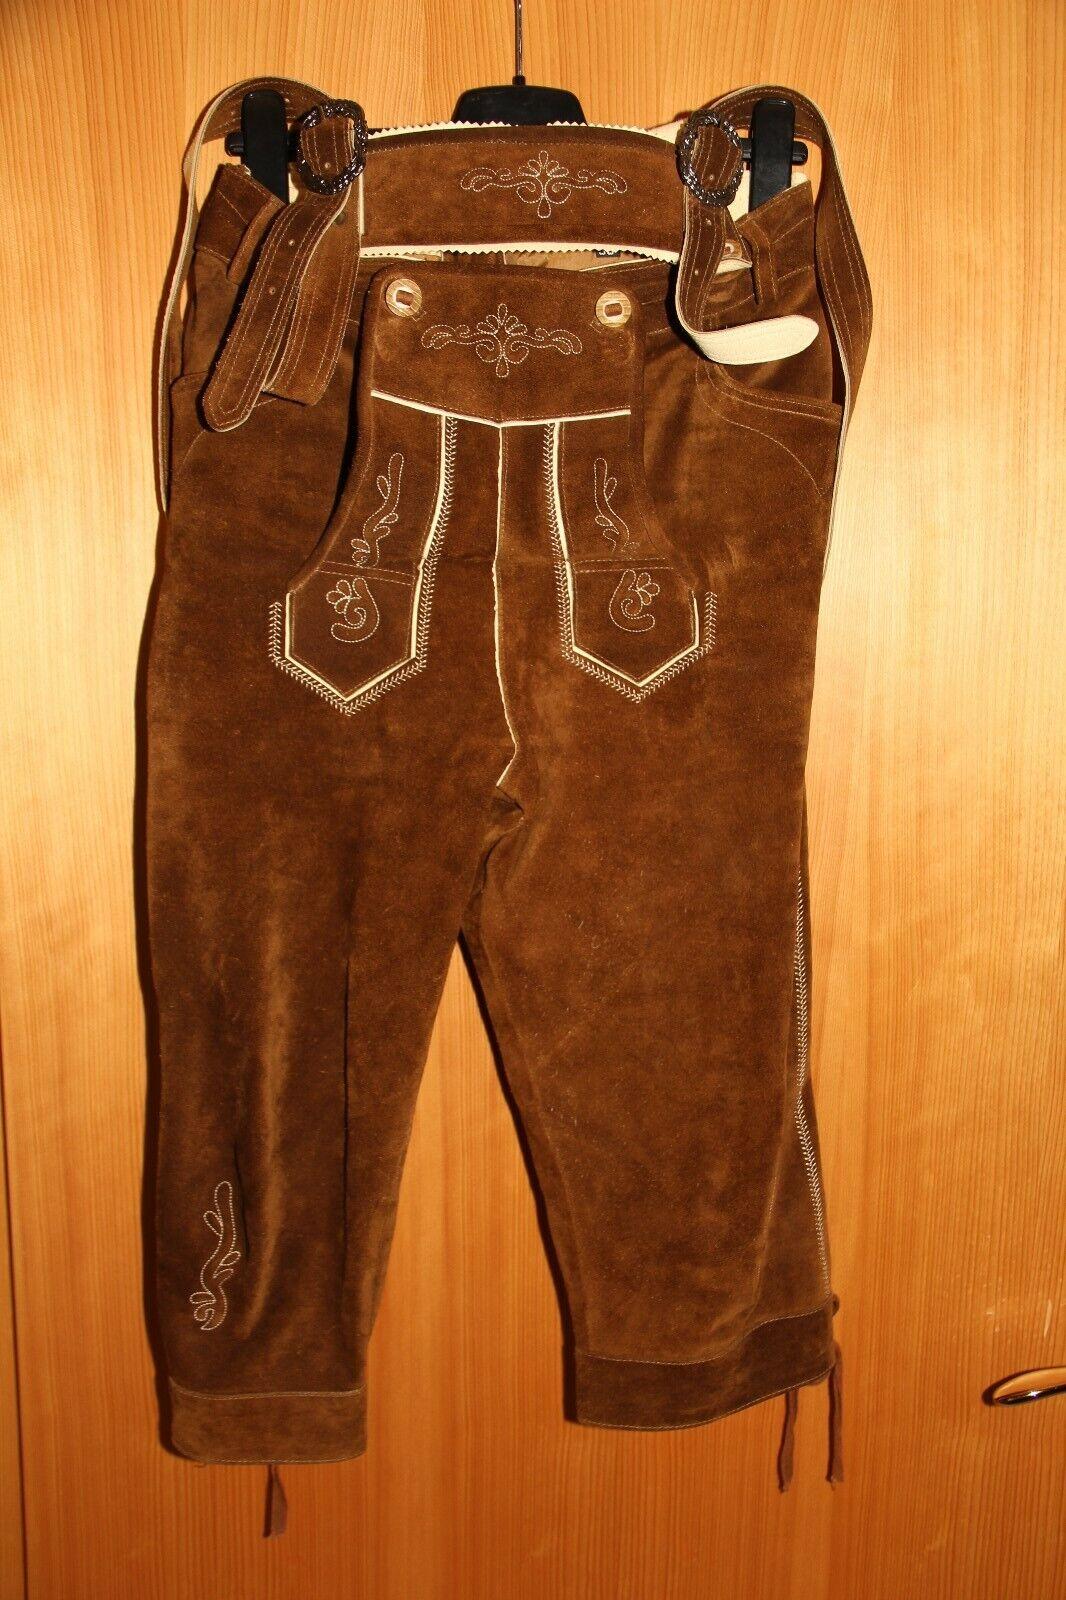 Herren, Trachtenlederhose mit Hosenträger, knielang, Größe 58, braun